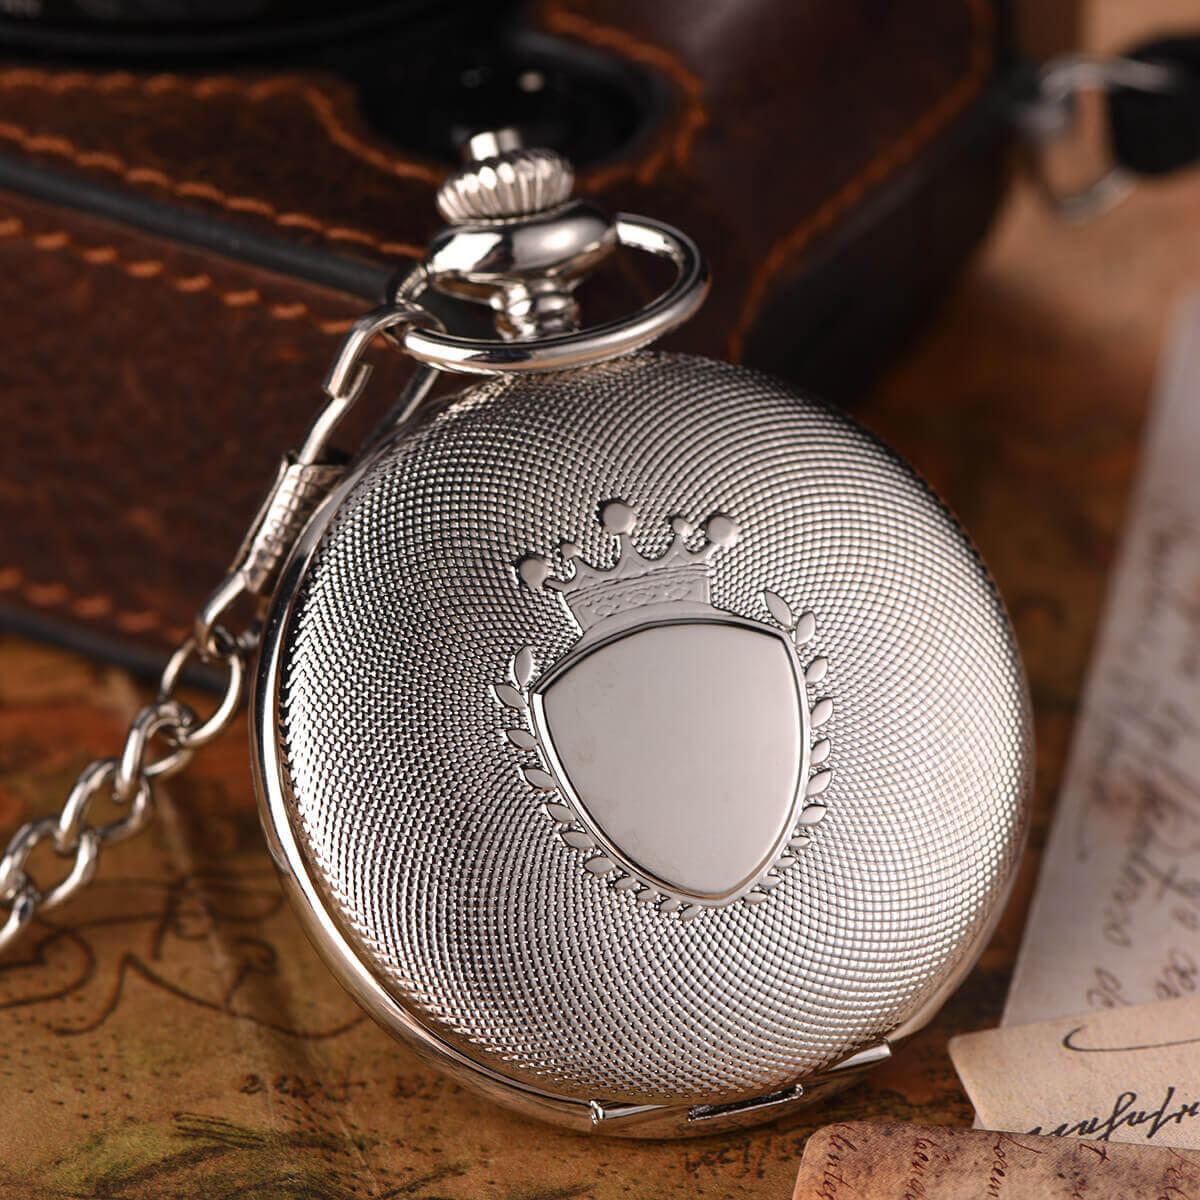 silvery quartz pocket watch